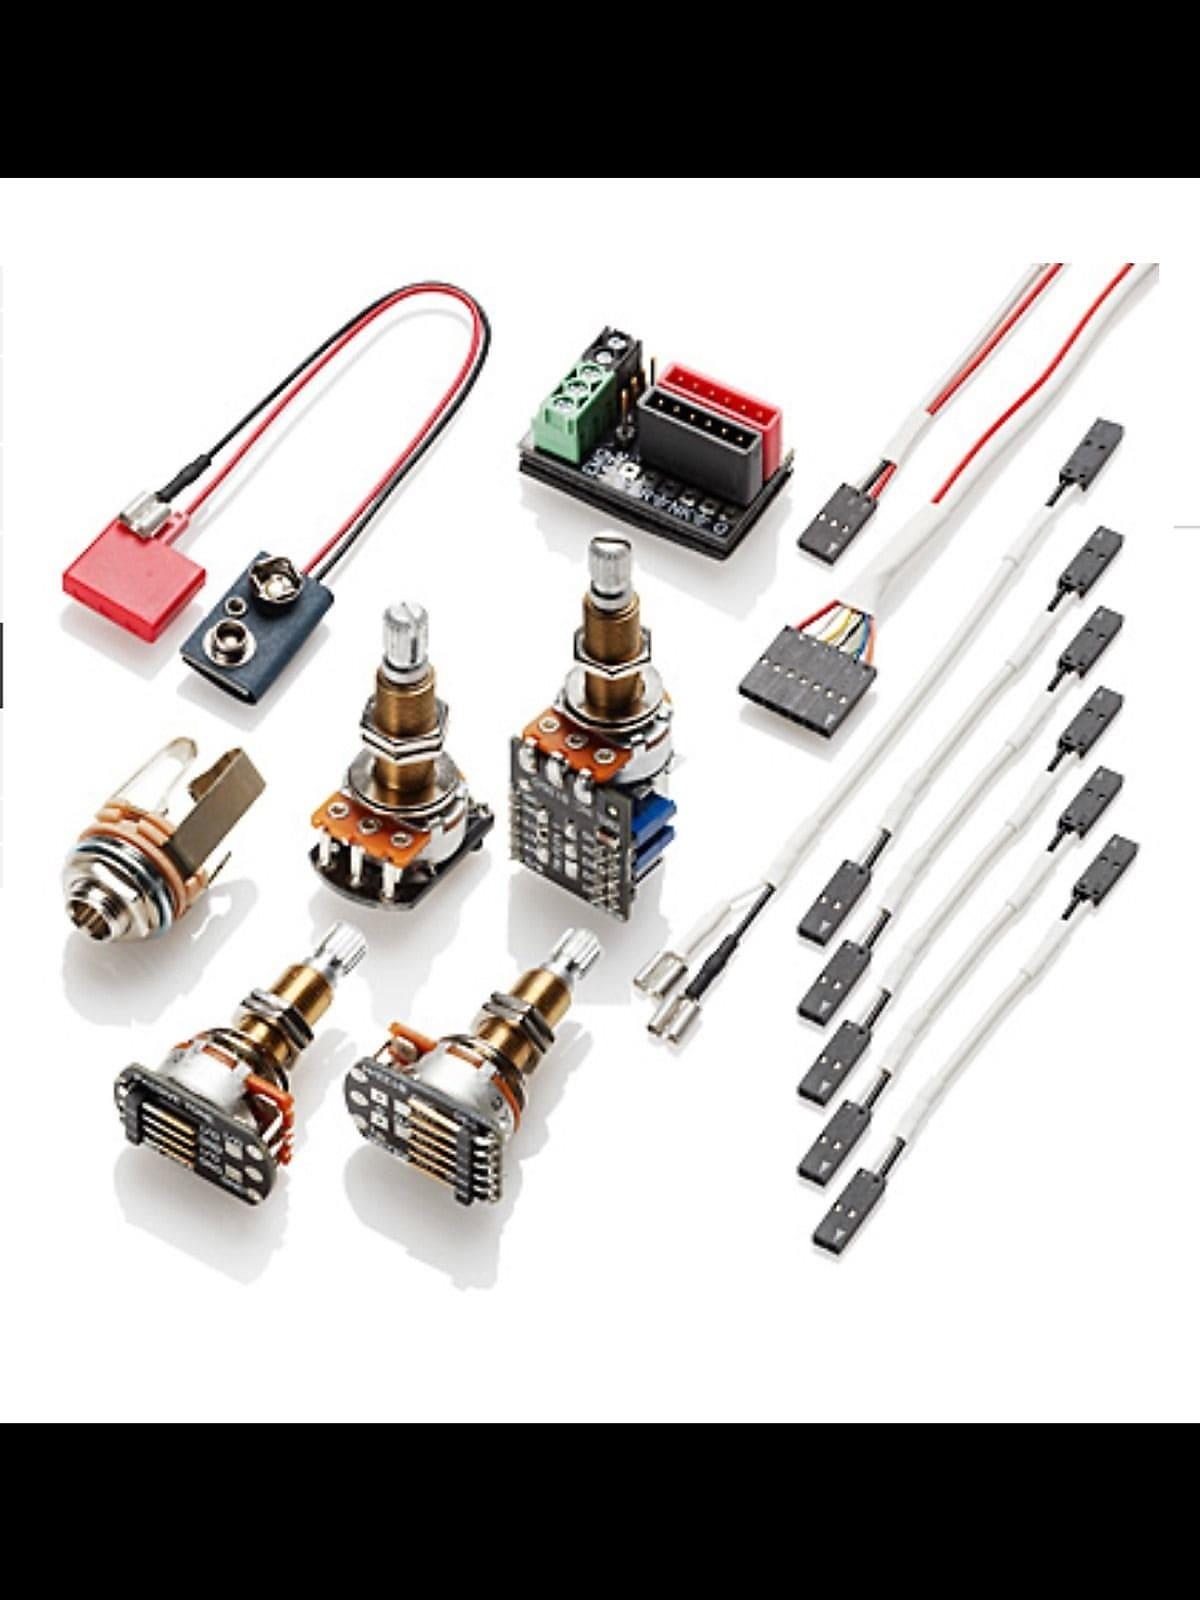 ... EMG- Solderless wiring kit- 1 or 2 pickups, Long shaft, ...